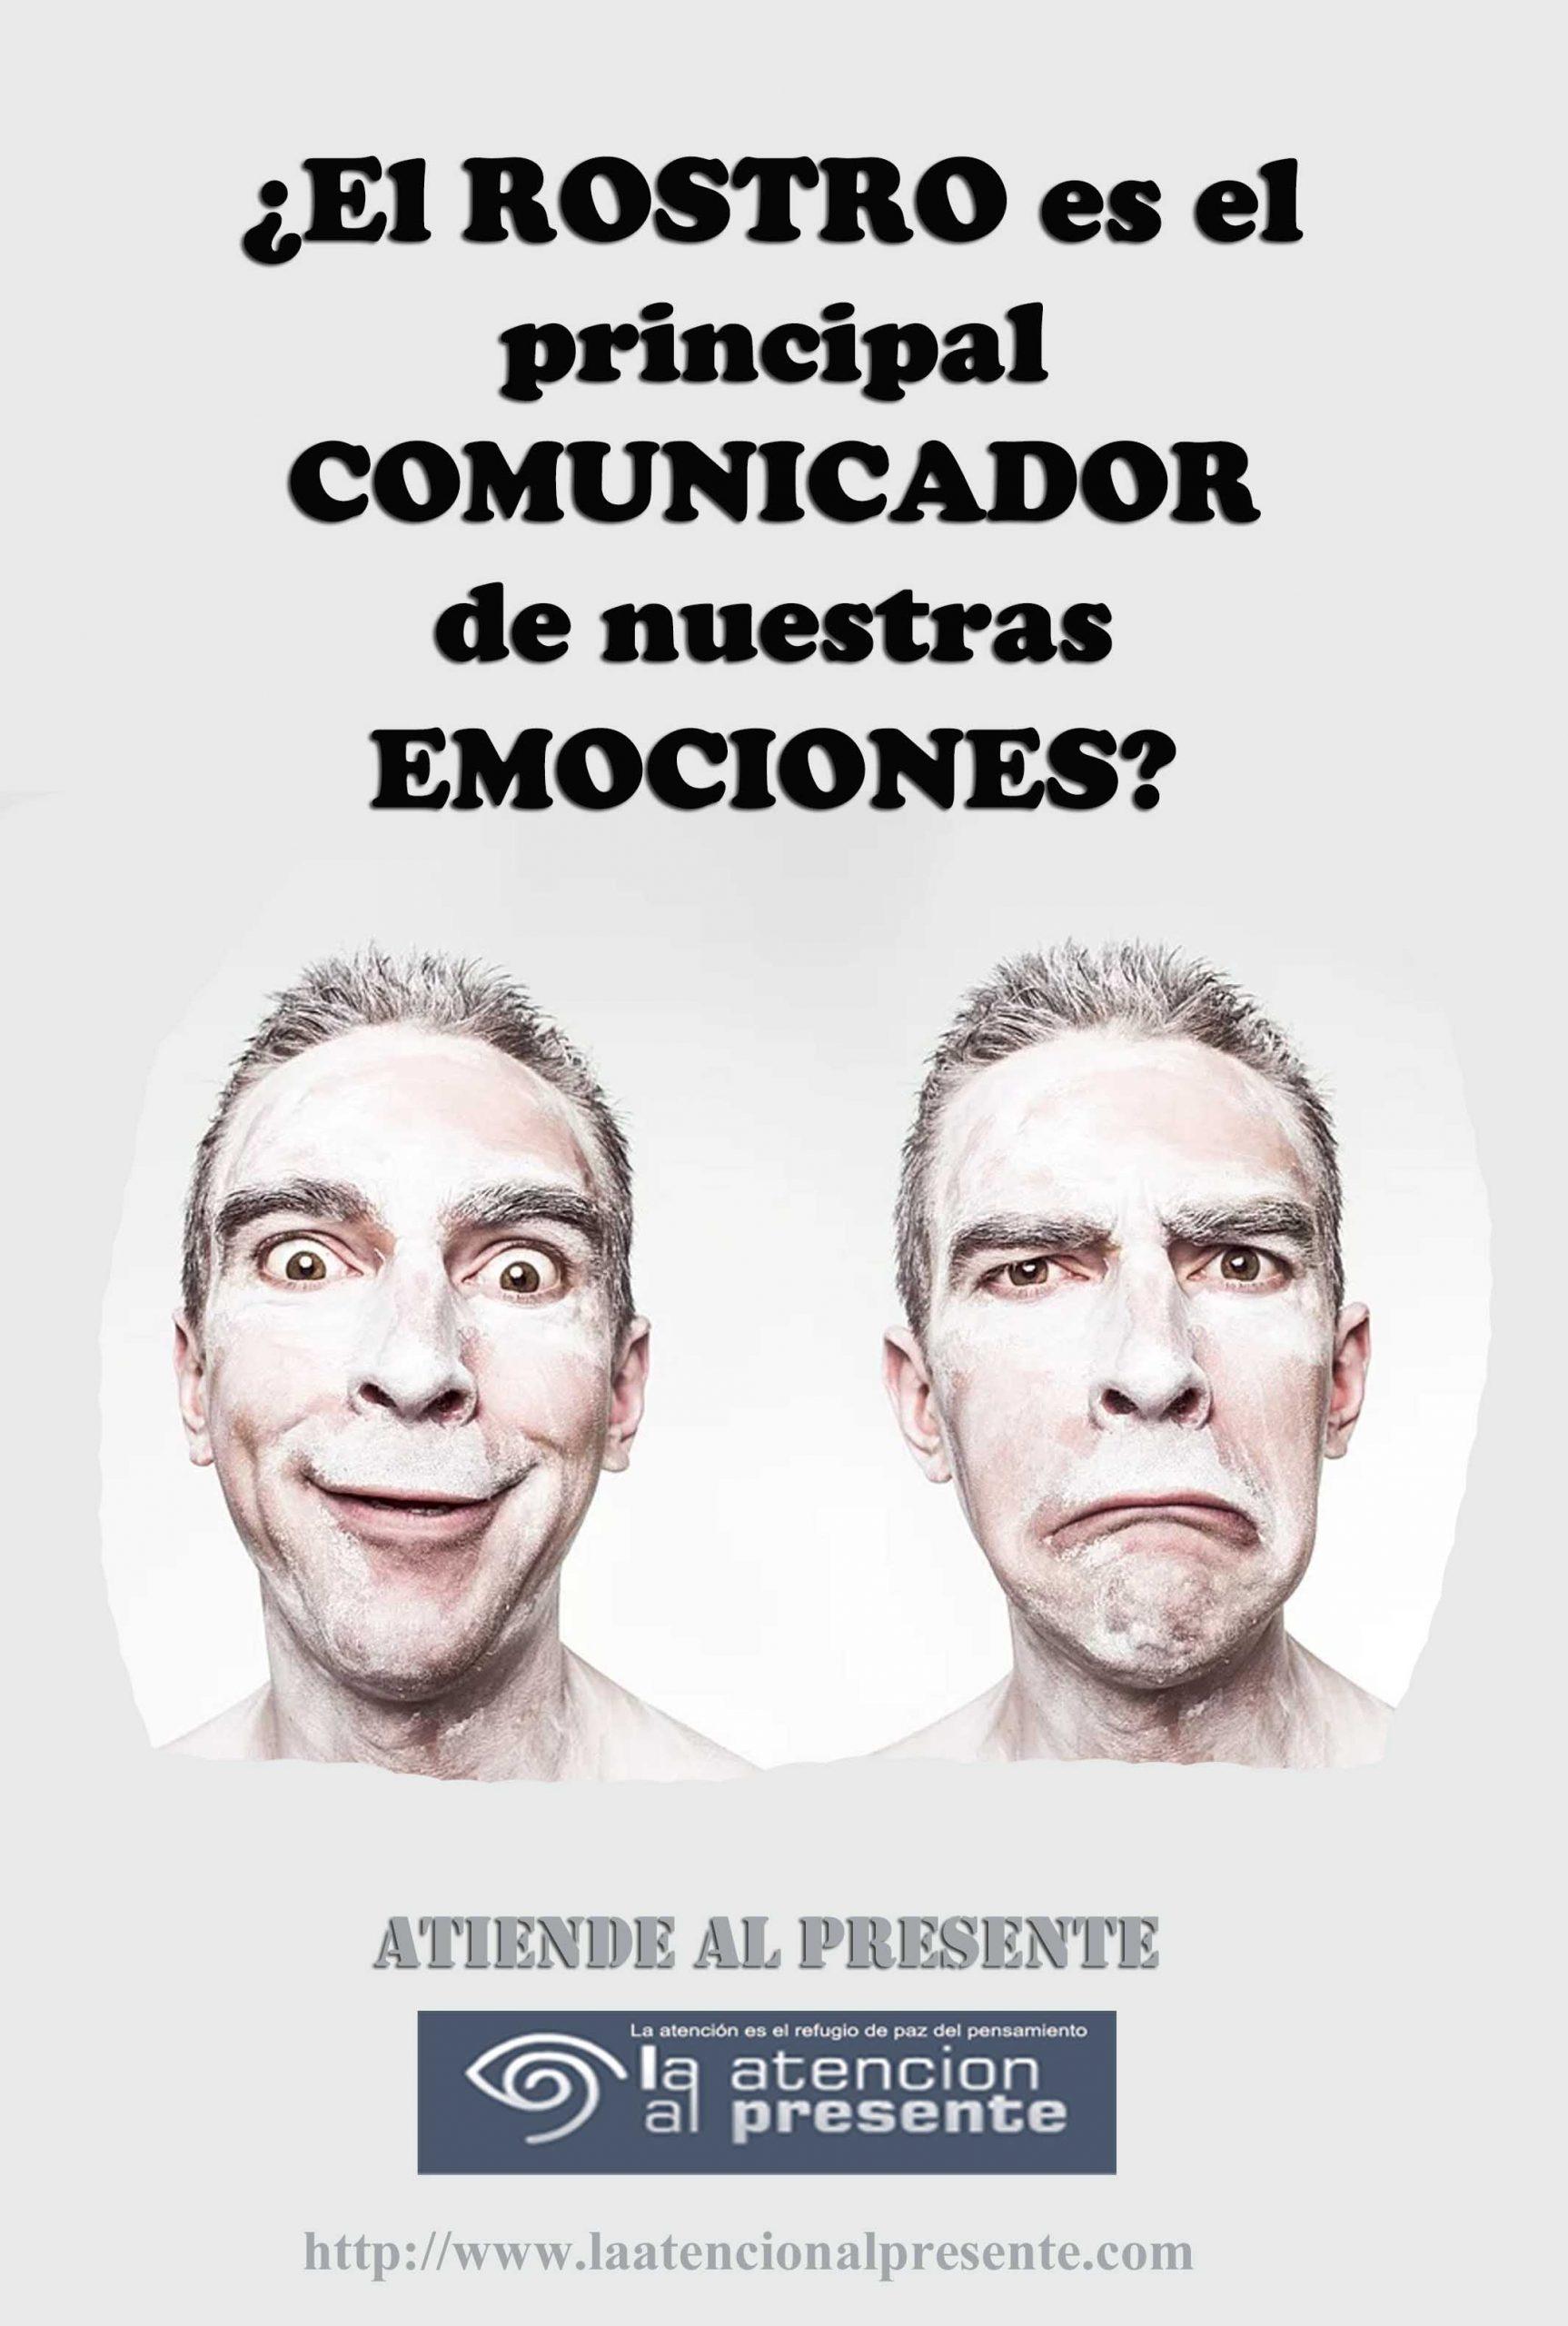 18 de junio Esteban El ROSTRO es el principal COMUNICADOR de nuestras EMOCIONES min scaled